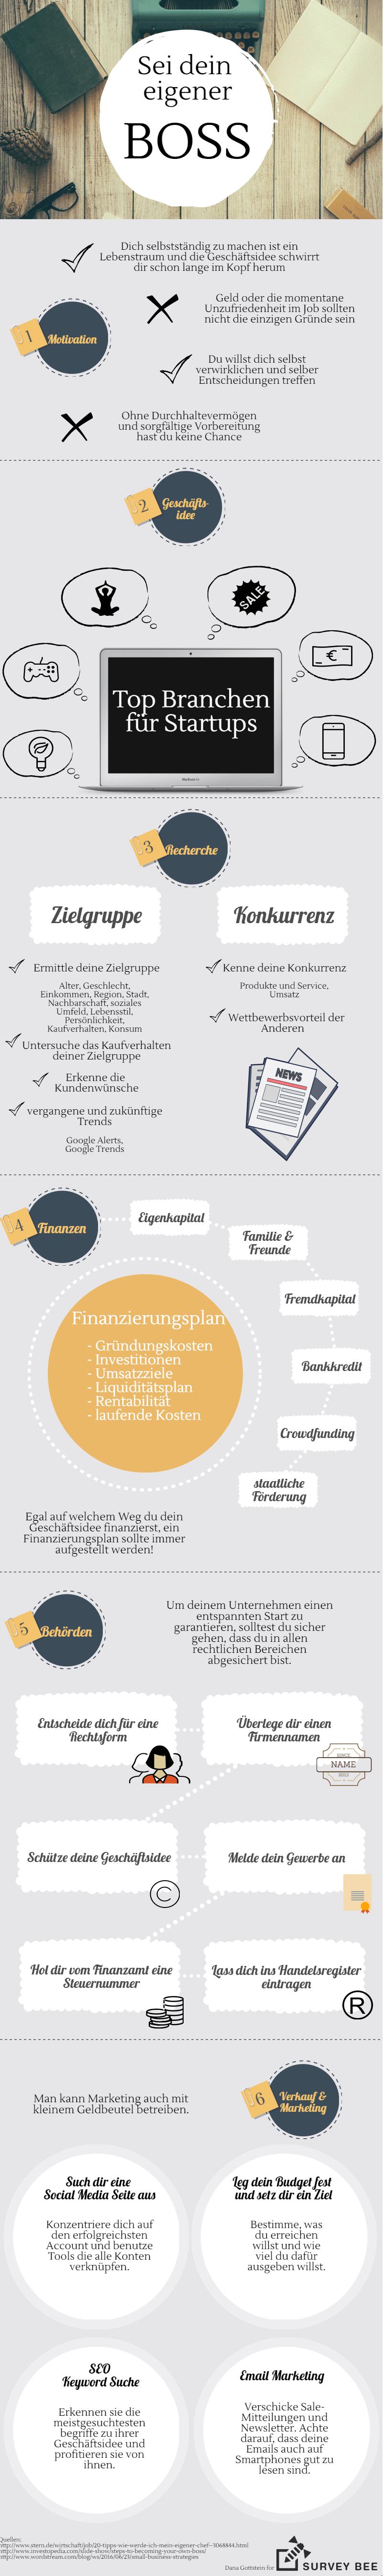 infografik_firmengruendung